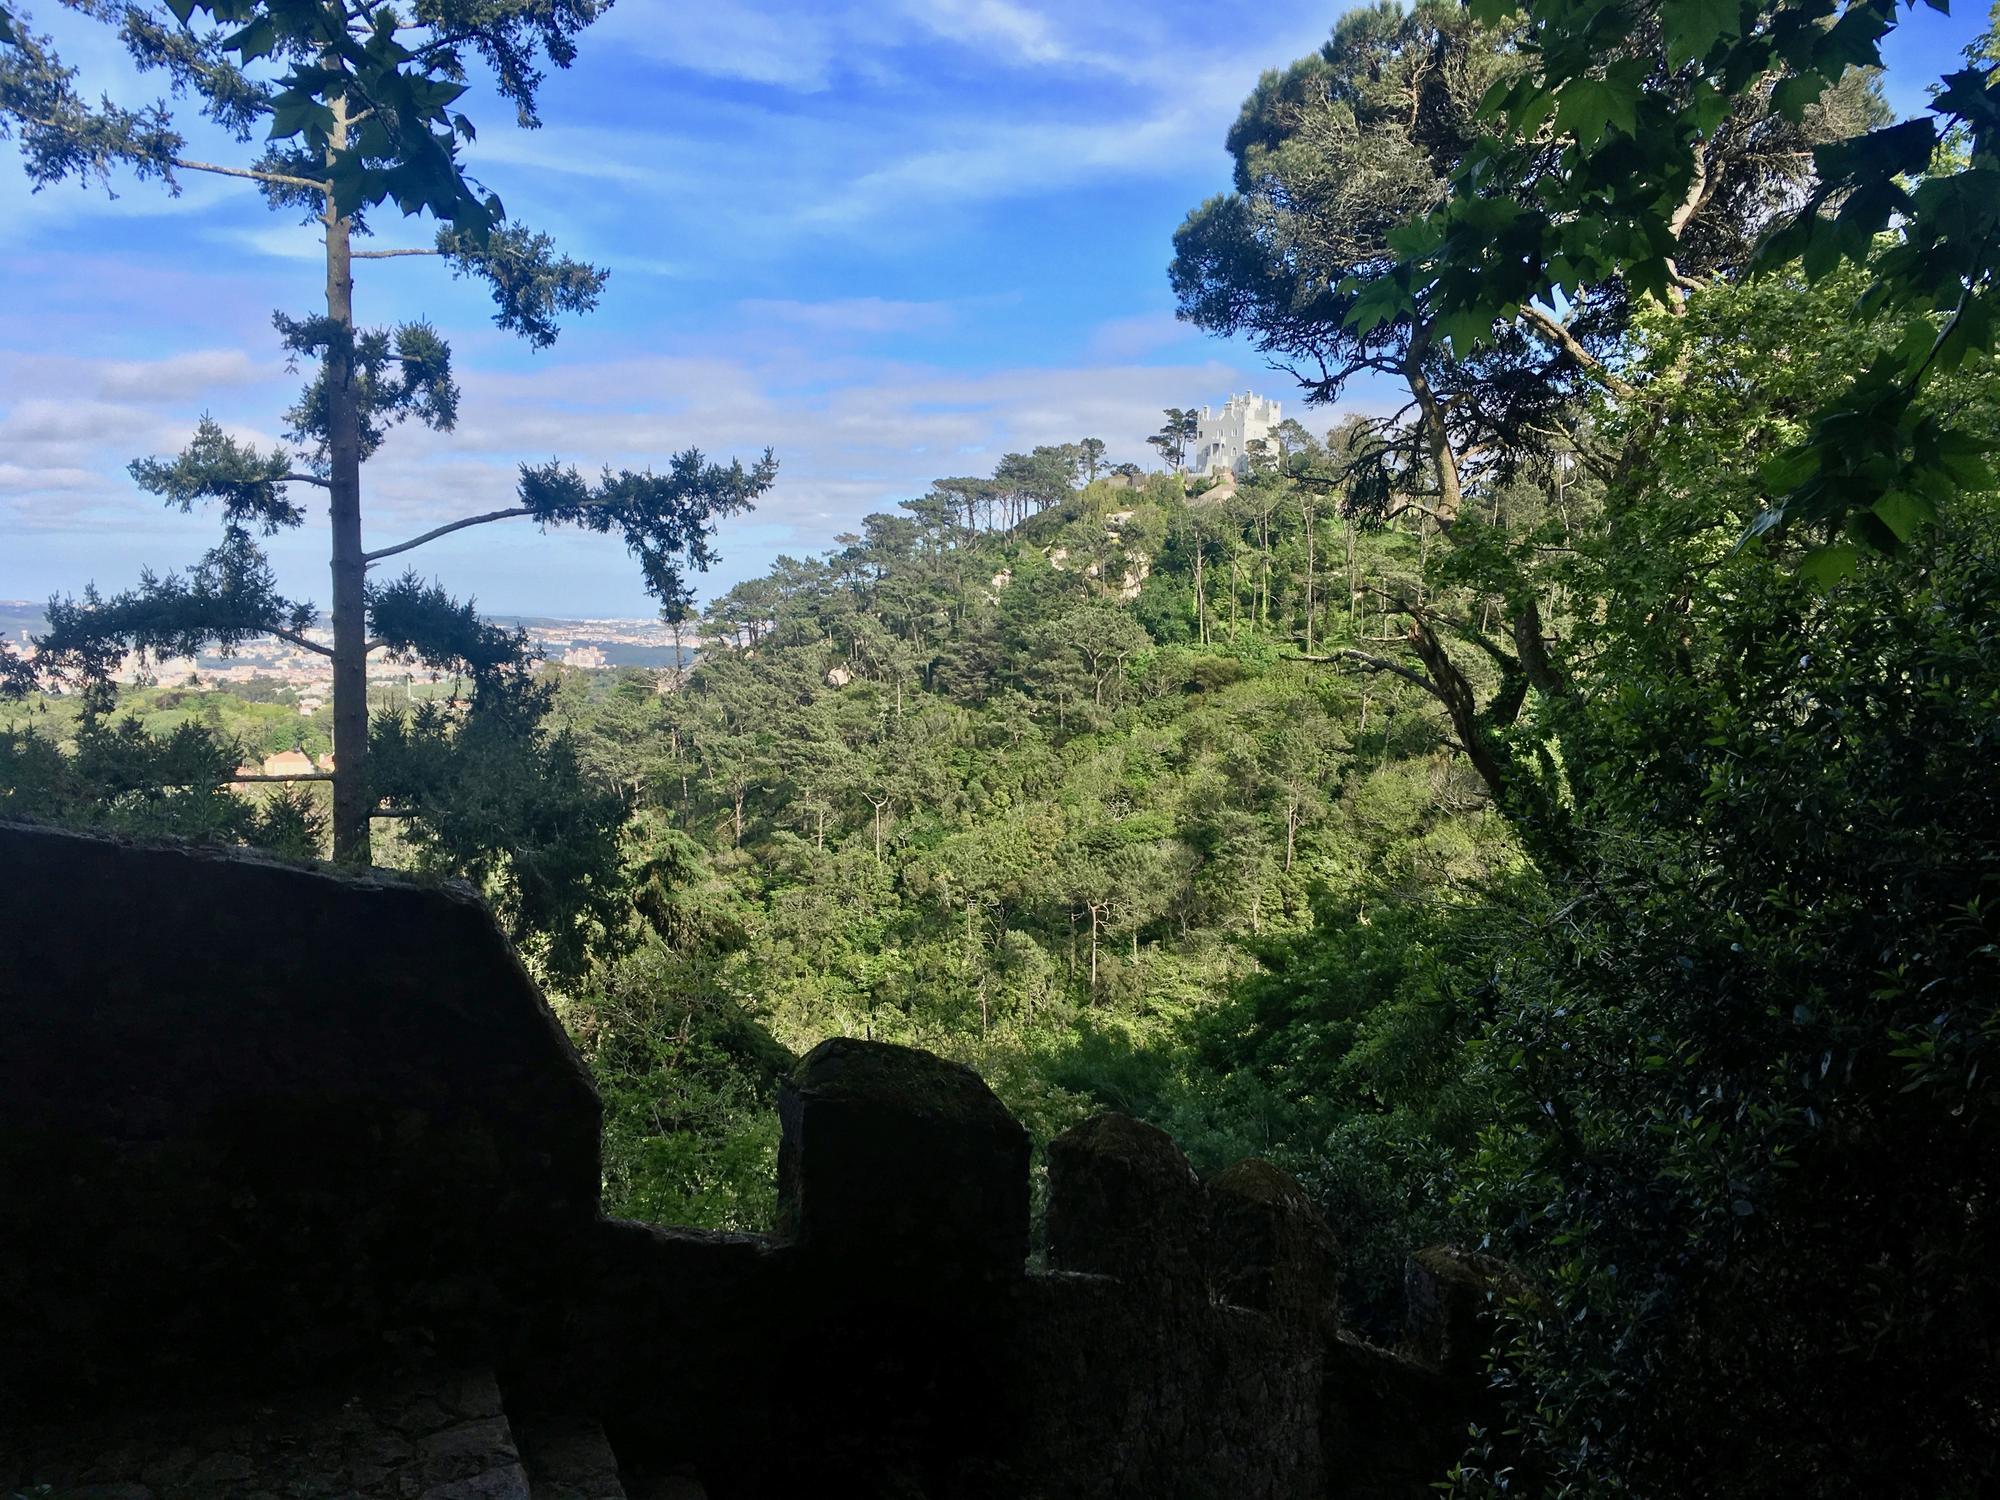 🇵🇹 Синтра, Португалия, май 2019.